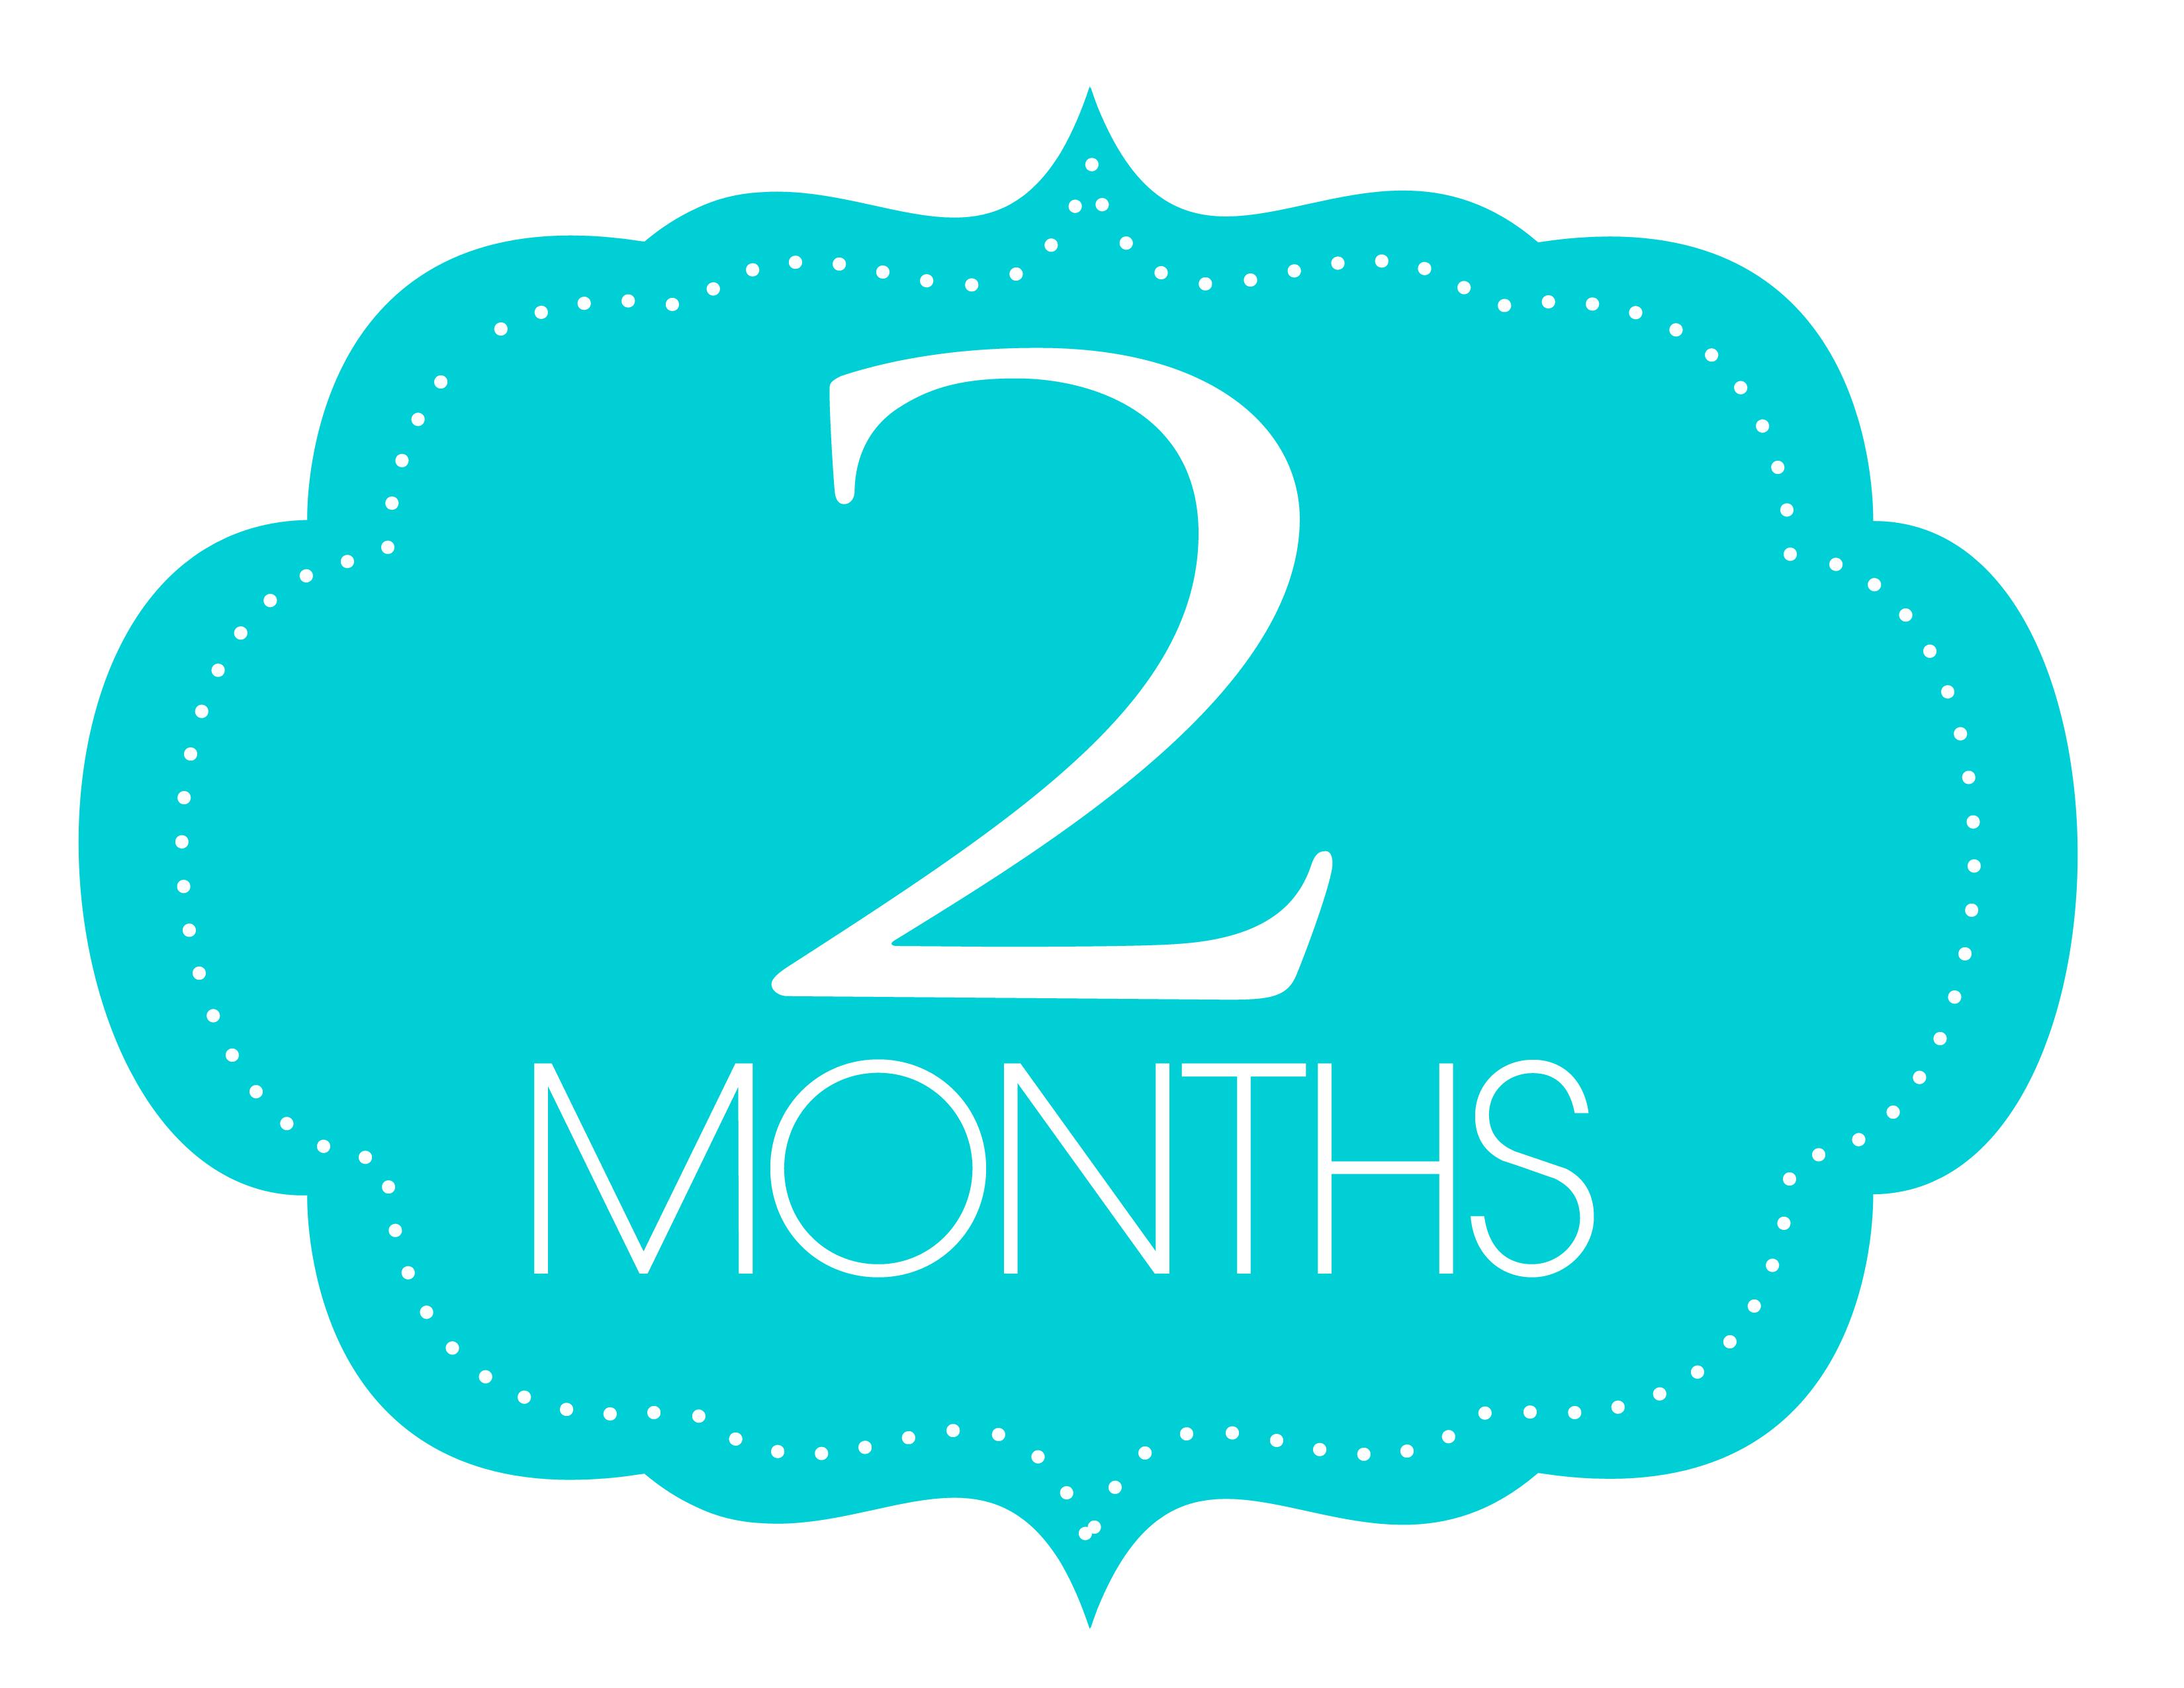 TOEICスコアを底上げするならたった2ヶ月で十分?その方法とは?